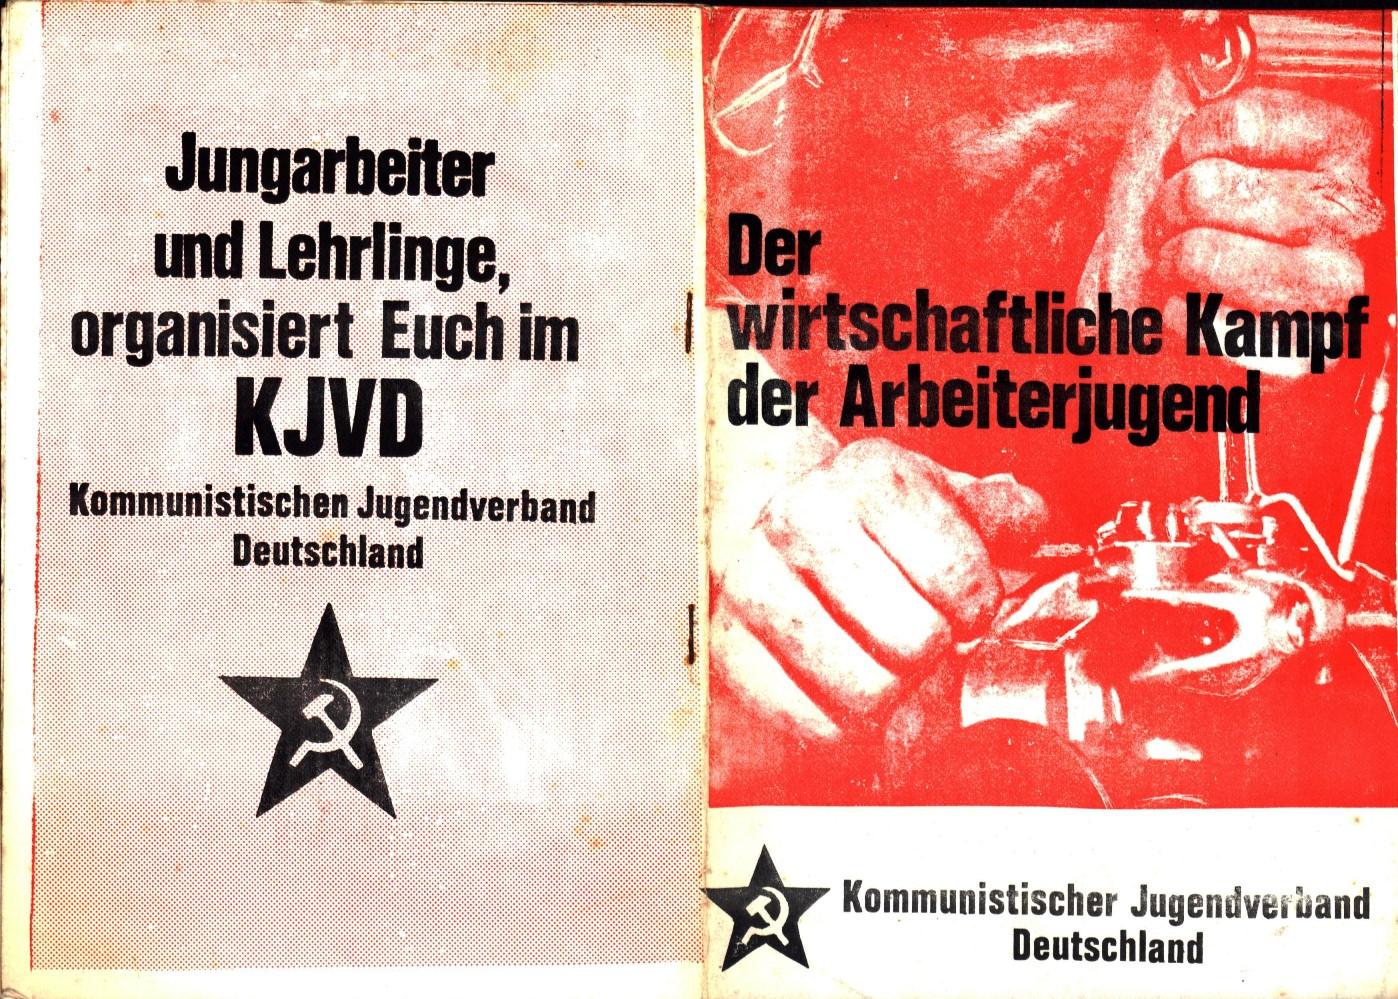 KJVD_1971_Der_wirtschaftliche_Kampf_der_Arbeiterjugend_01